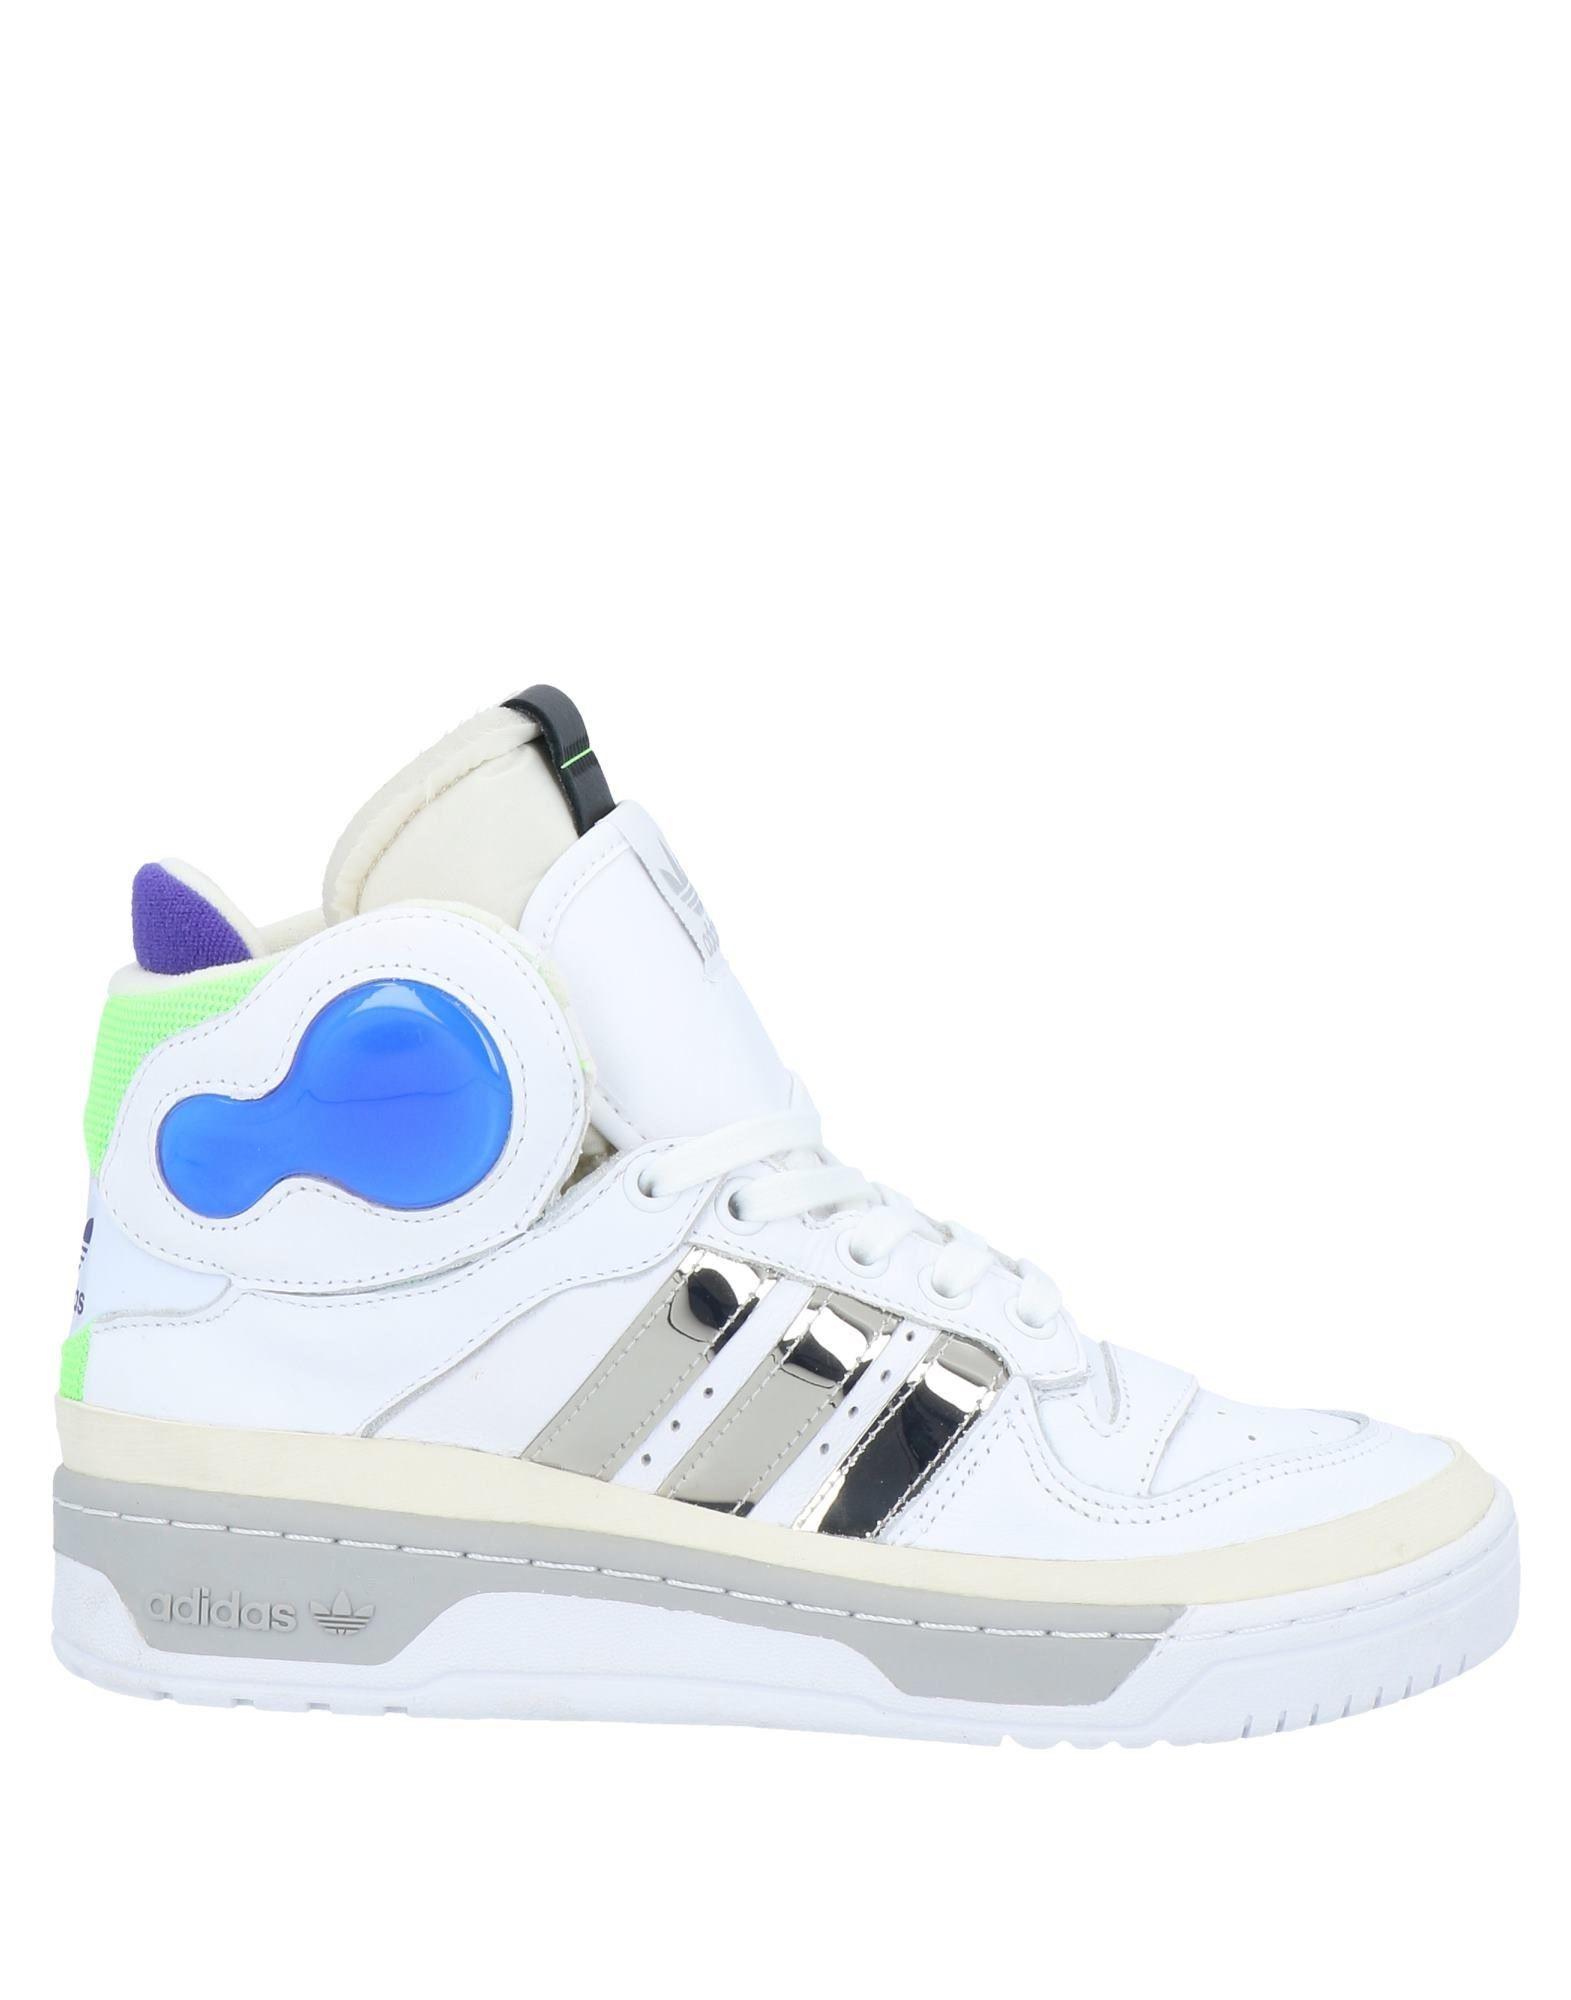 Фото - ADIDAS ORIGINALS x SANKUANZ Кеды и кроссовки мужские кеды adidas originals x wales bonner nizza low